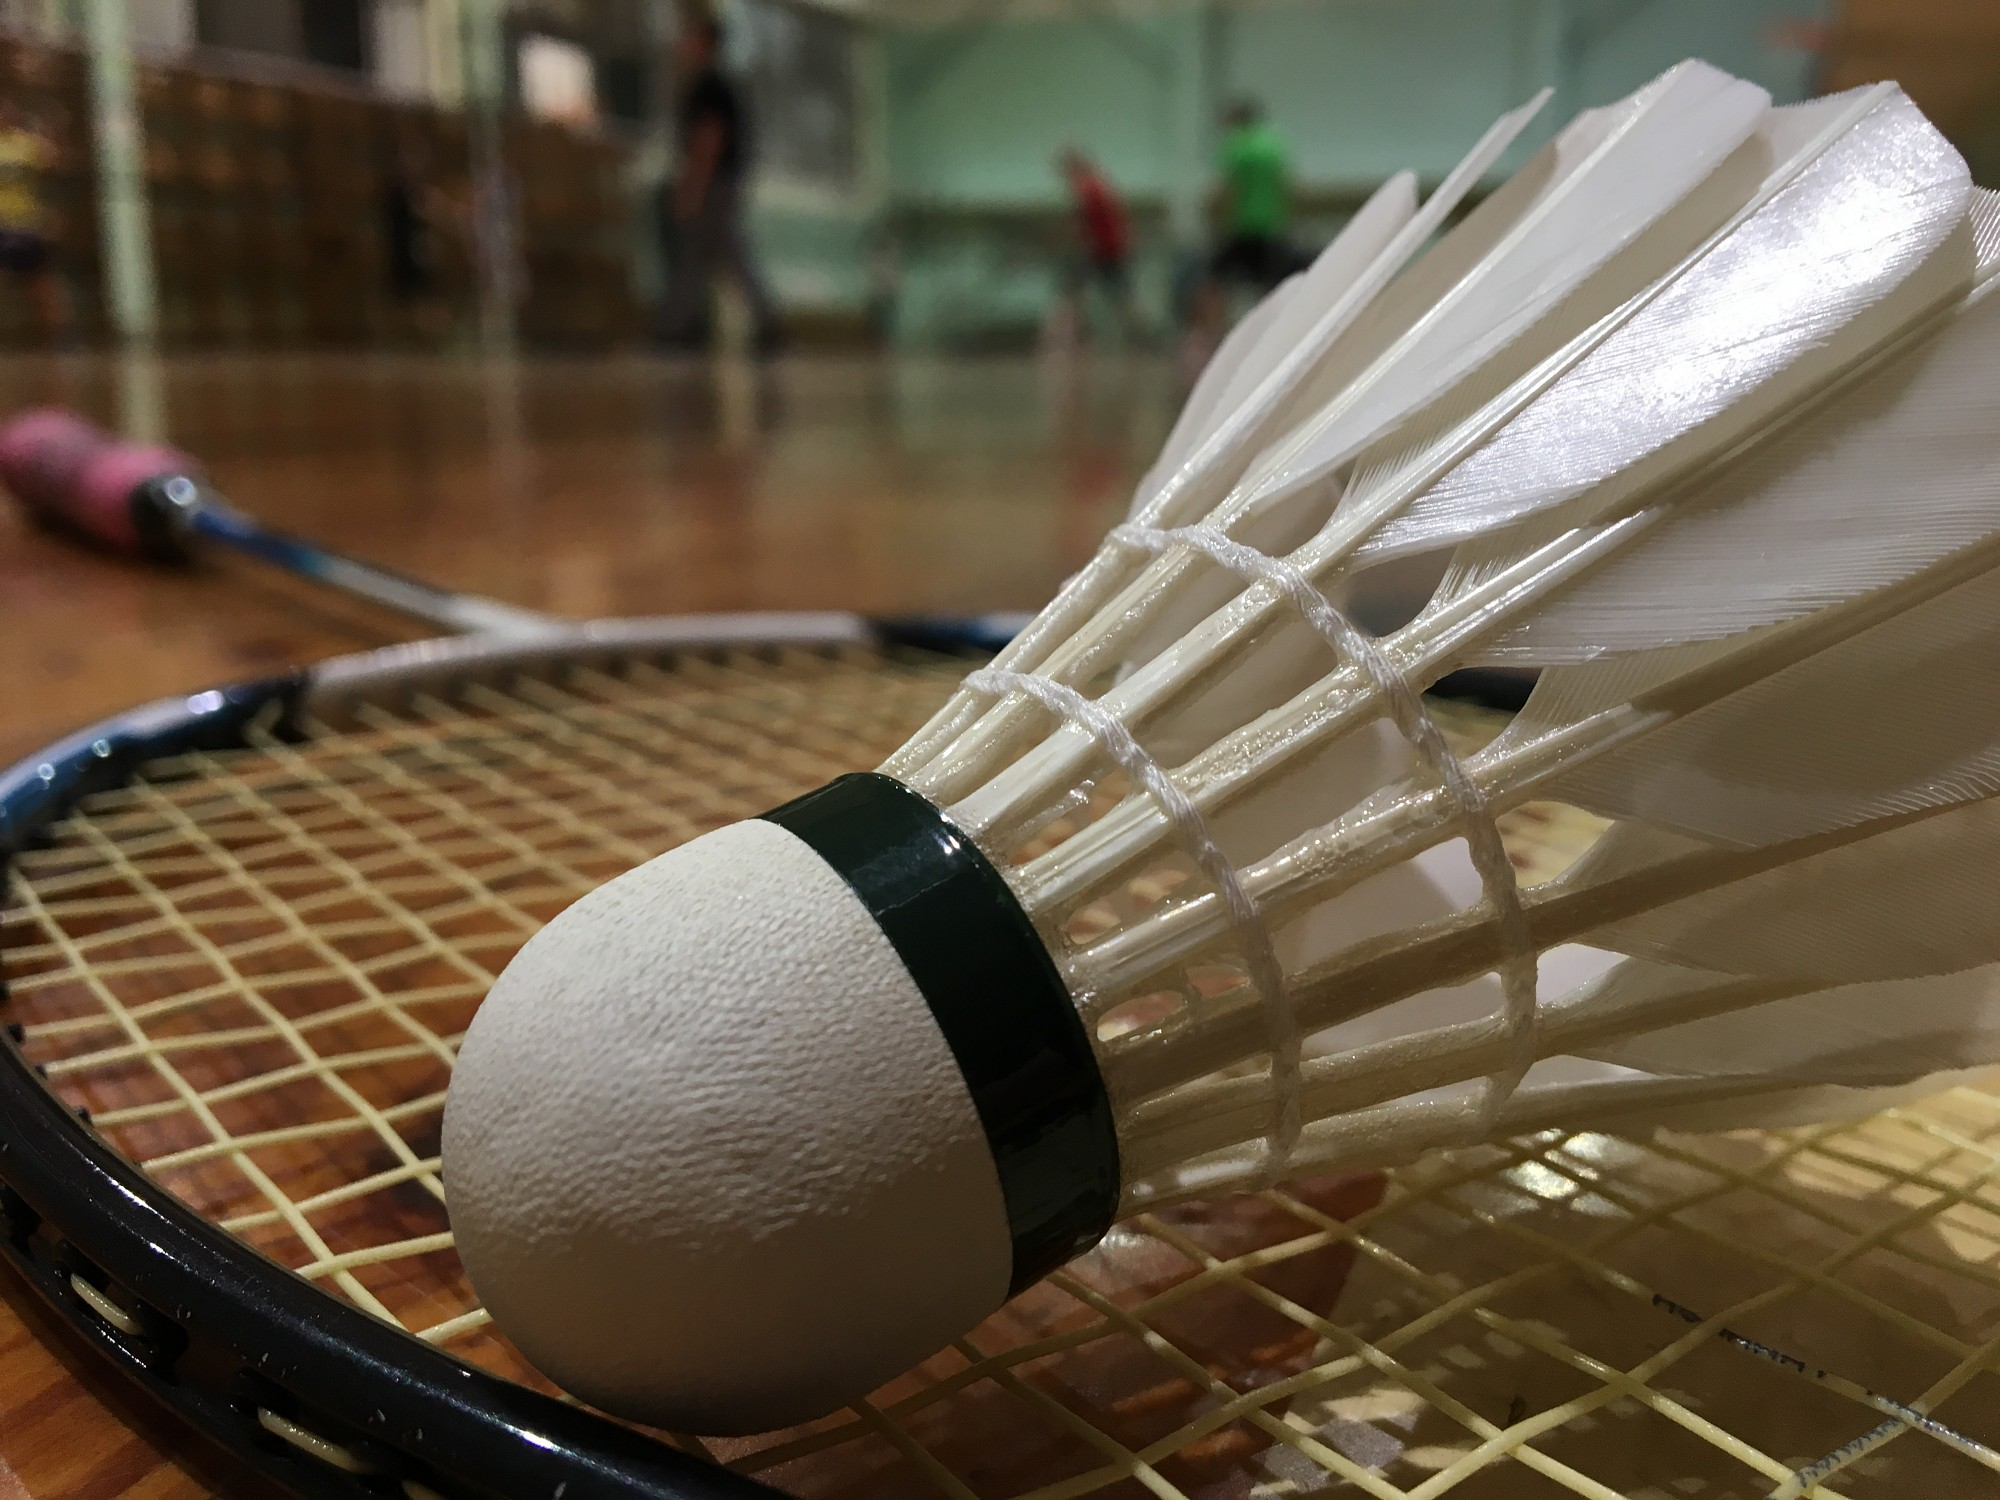 Liepājas badmintonisti saglabā izredzes iekļūt U15 Latvijas izlasē